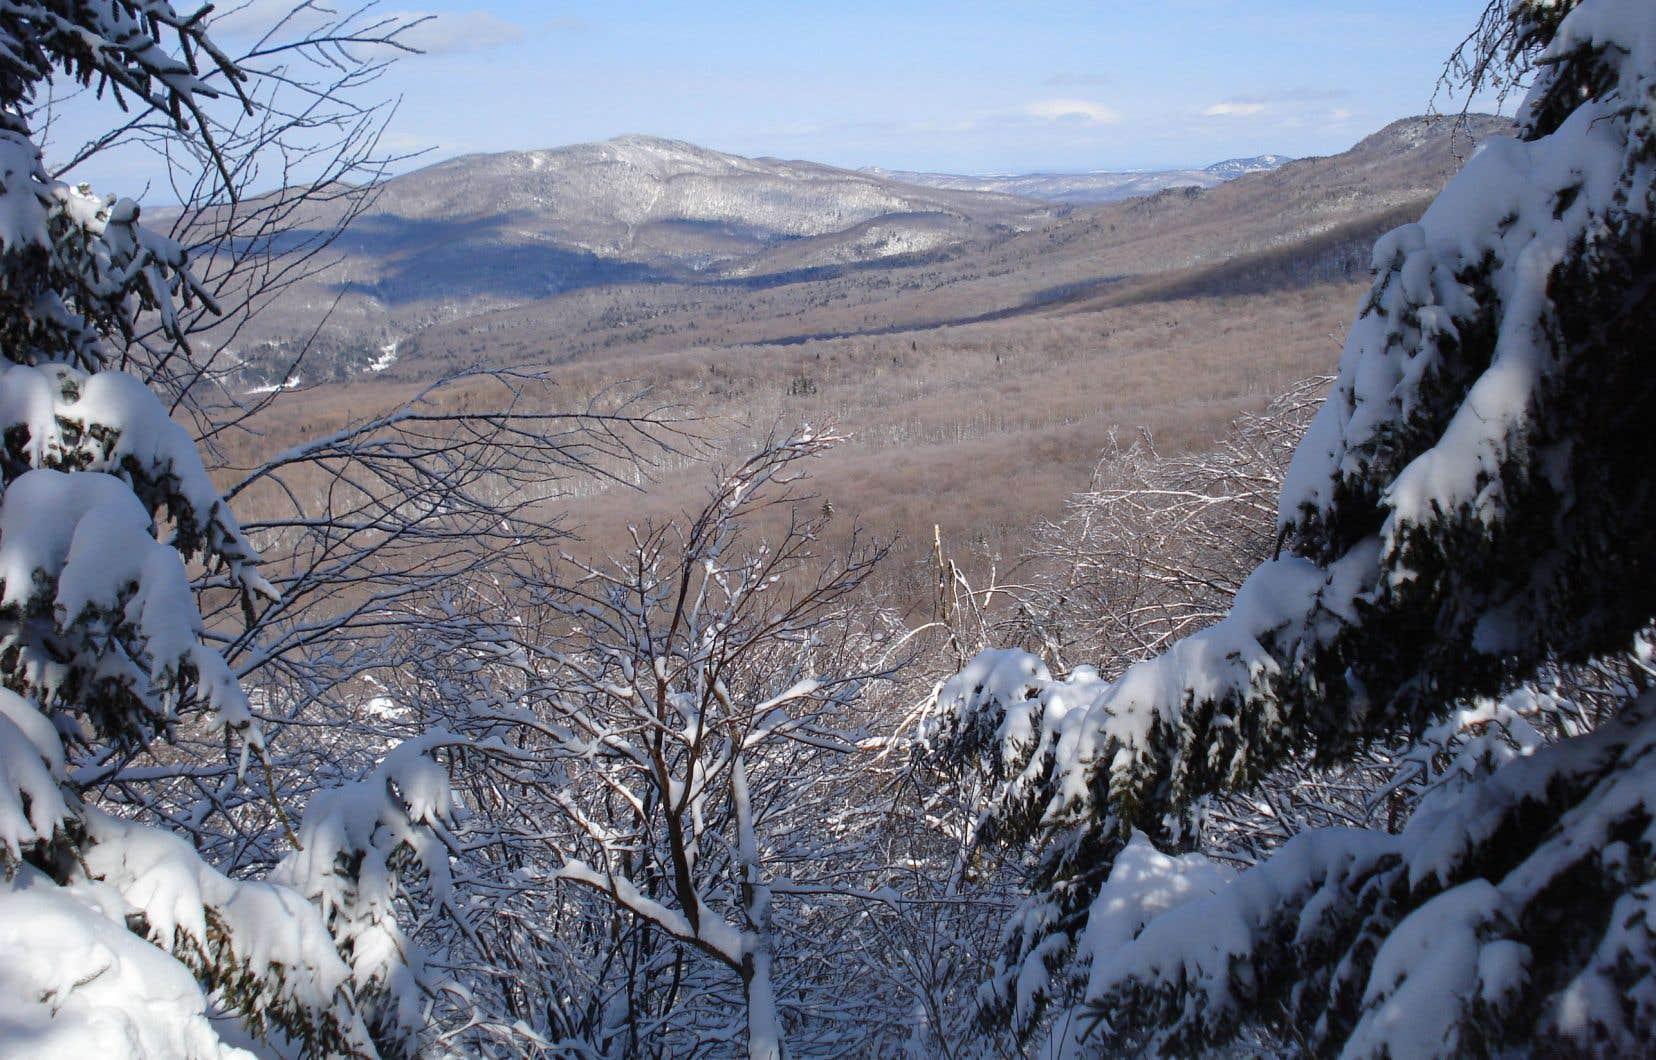 La réserve naturelle des Montagnes-Vertes, c'est le paradis de la randonnée pédestre, du ski nordique et de la raquette.